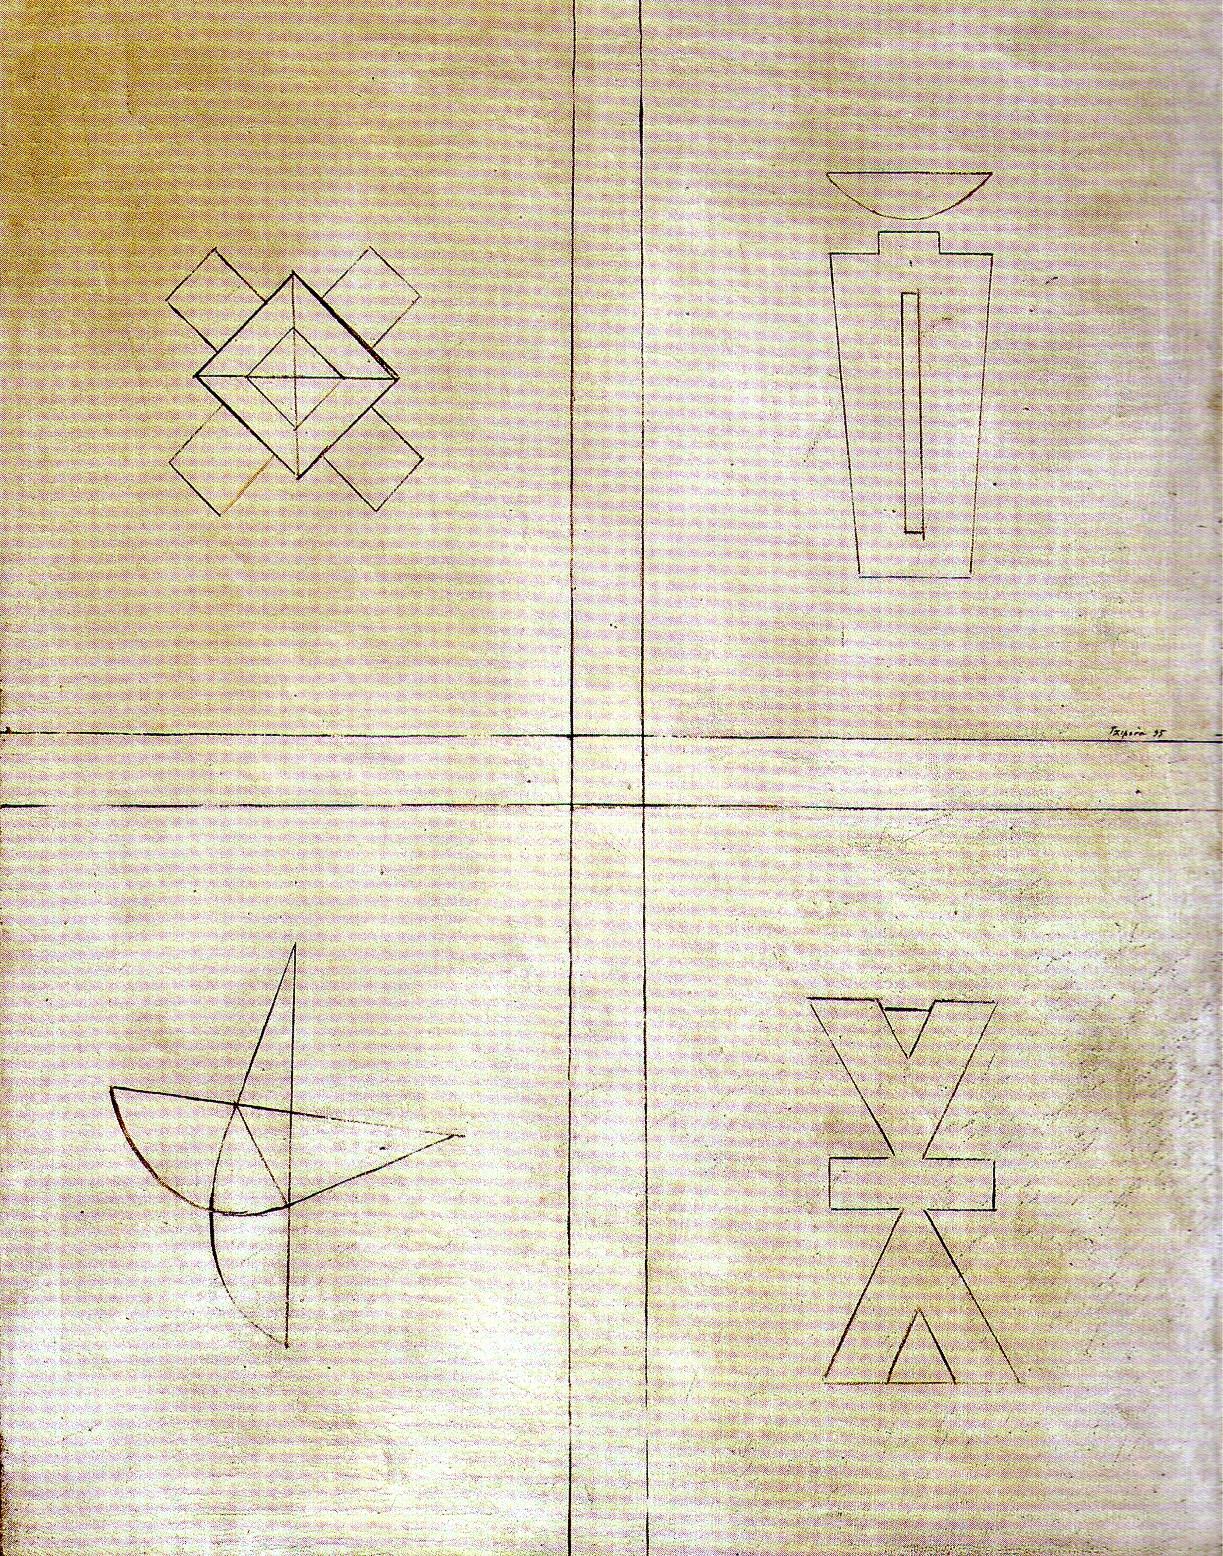 Quatre symboles